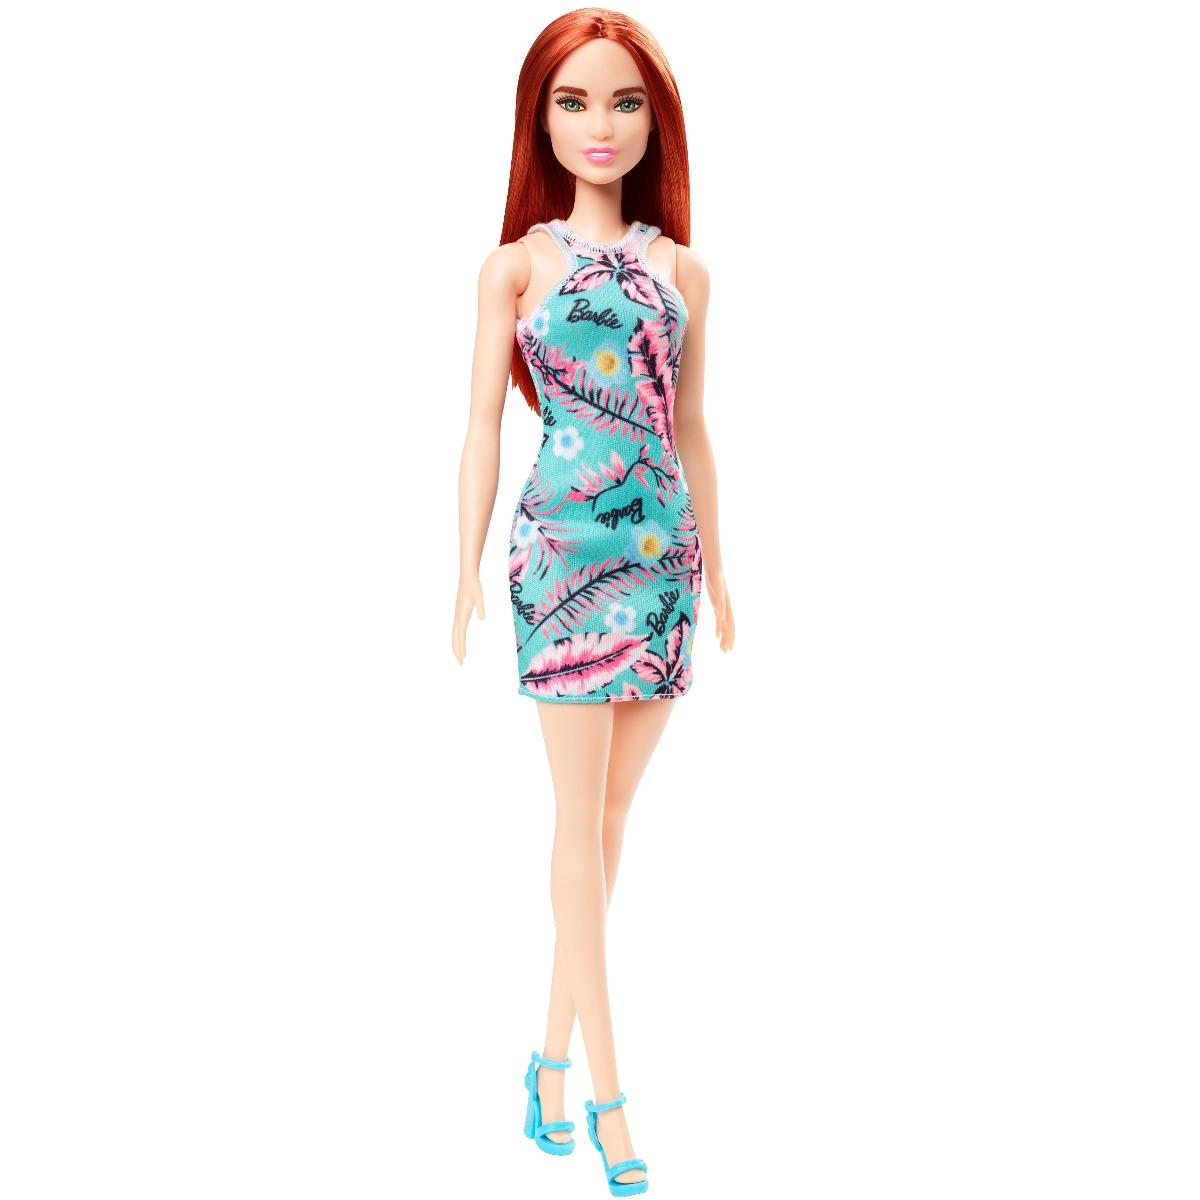 Papusa Barbie Clasic cu accesorii GHT27